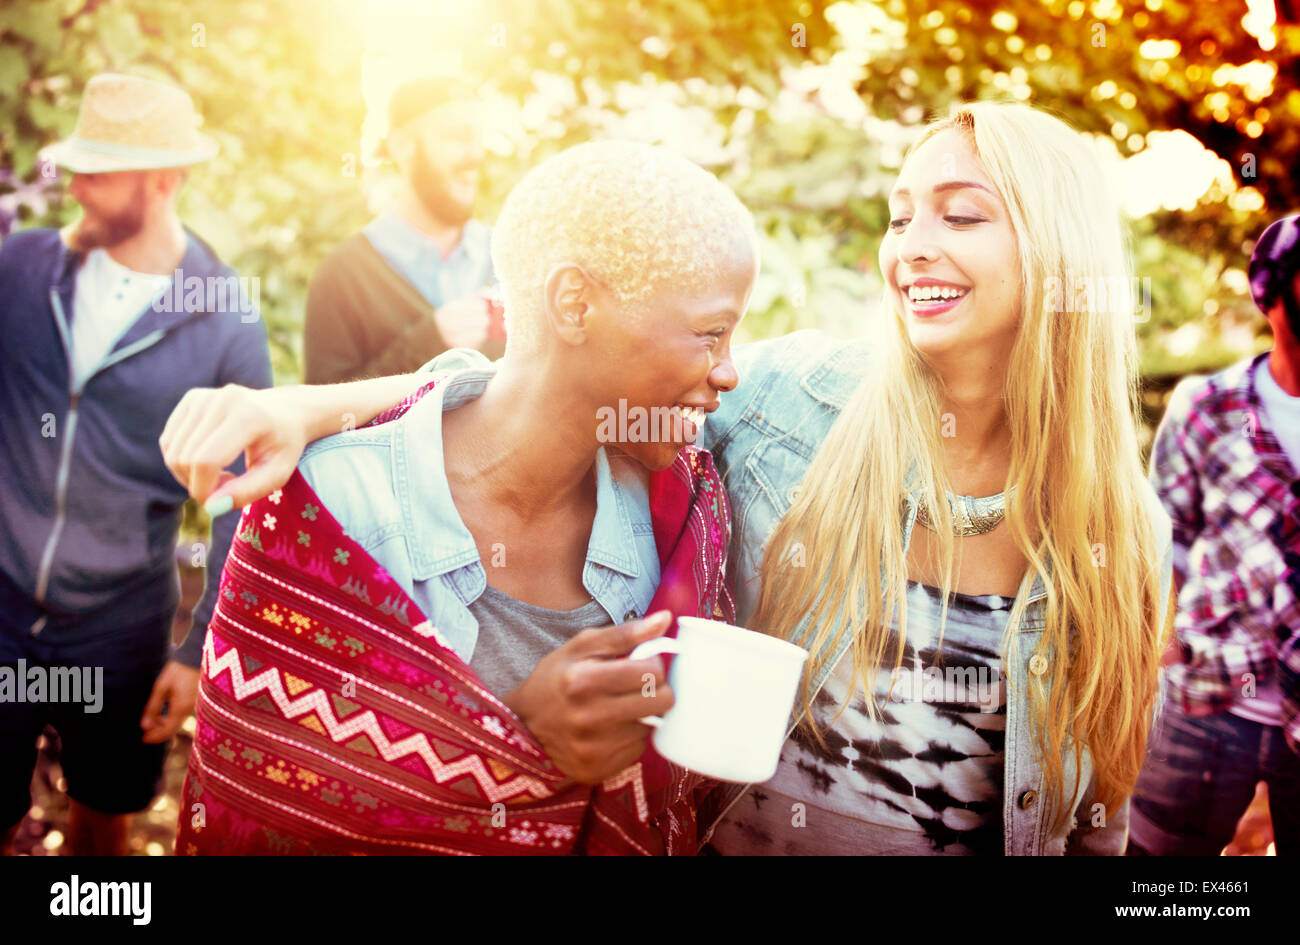 Les Amis de vacances Camping Plein Air Concept Joyeux Photo Stock